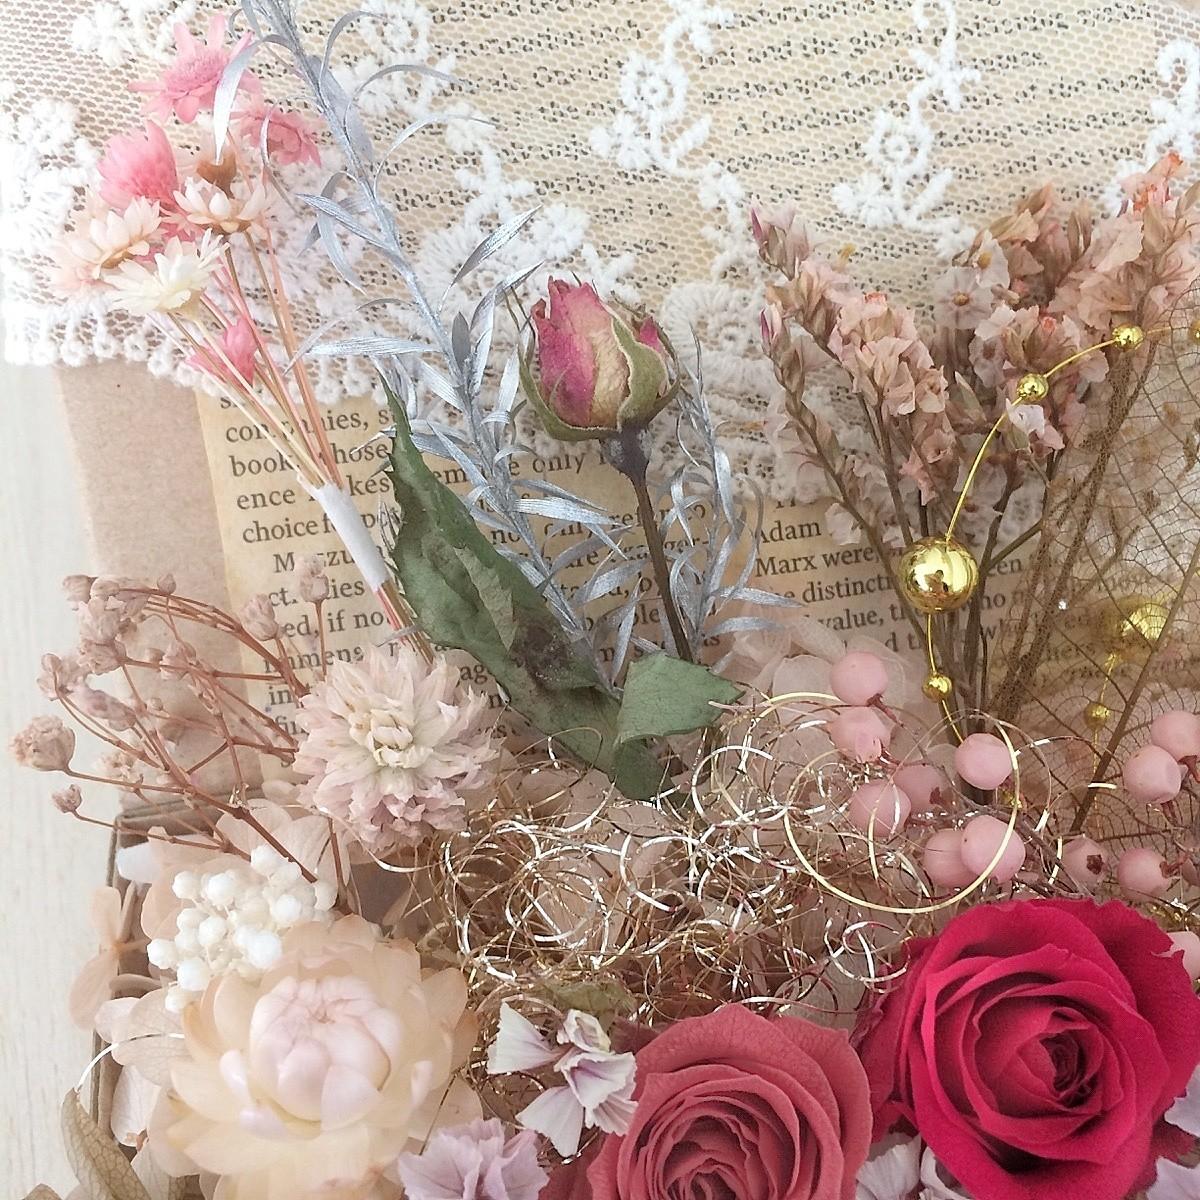 花材10 貝細工 ハーバリウム花材 プリザーブドフラワー ドライフラワー バラ